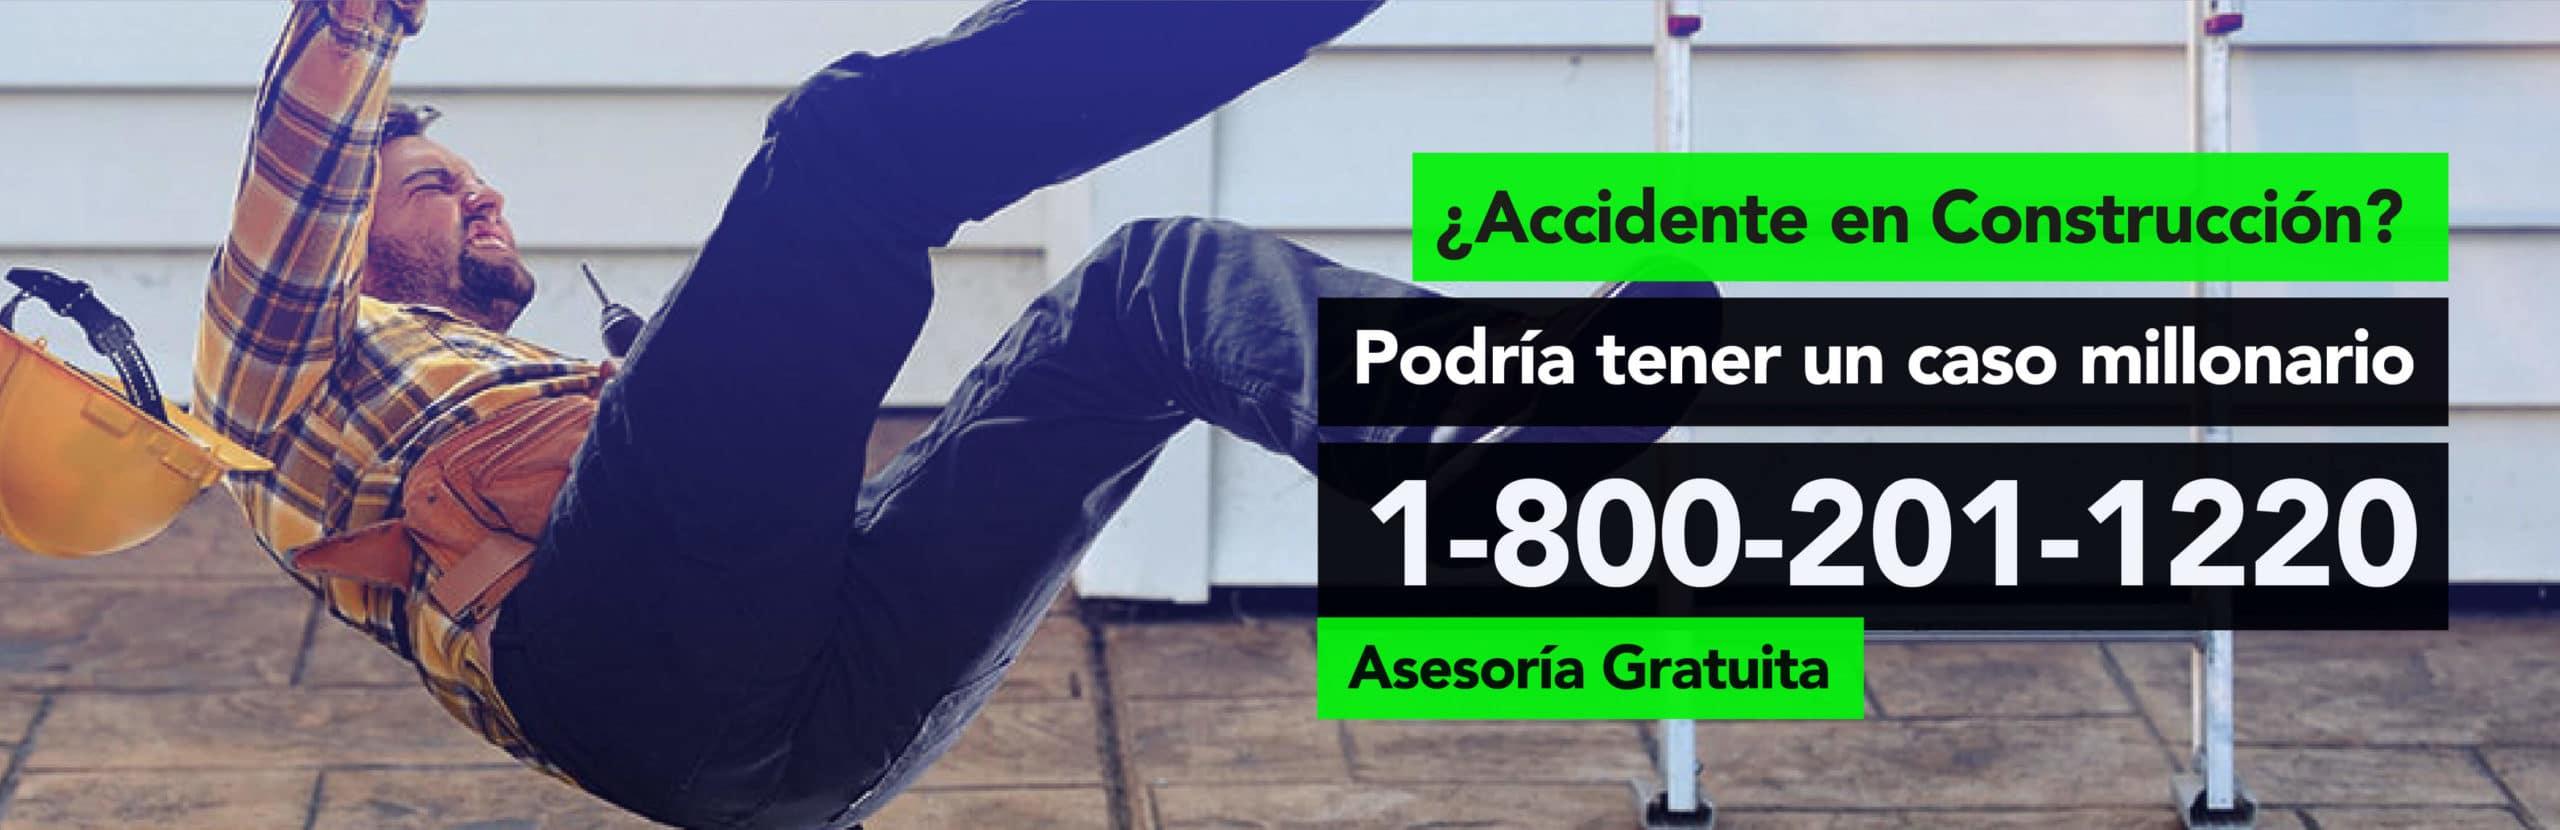 Accidente en Construcción